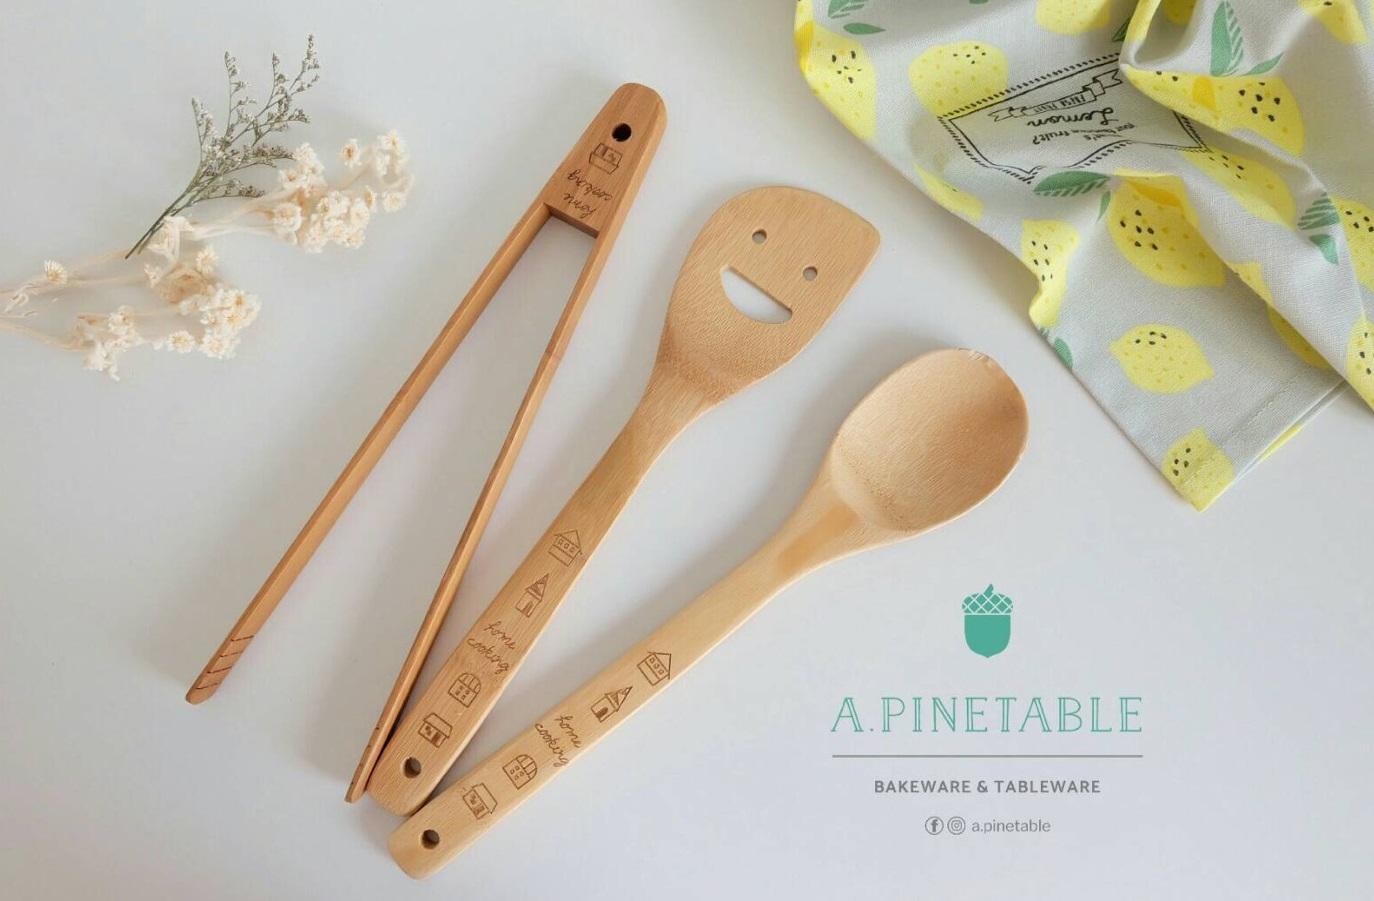 [ อุปกรณ์เครื่องครัว Cutlery set - 420 THB ]